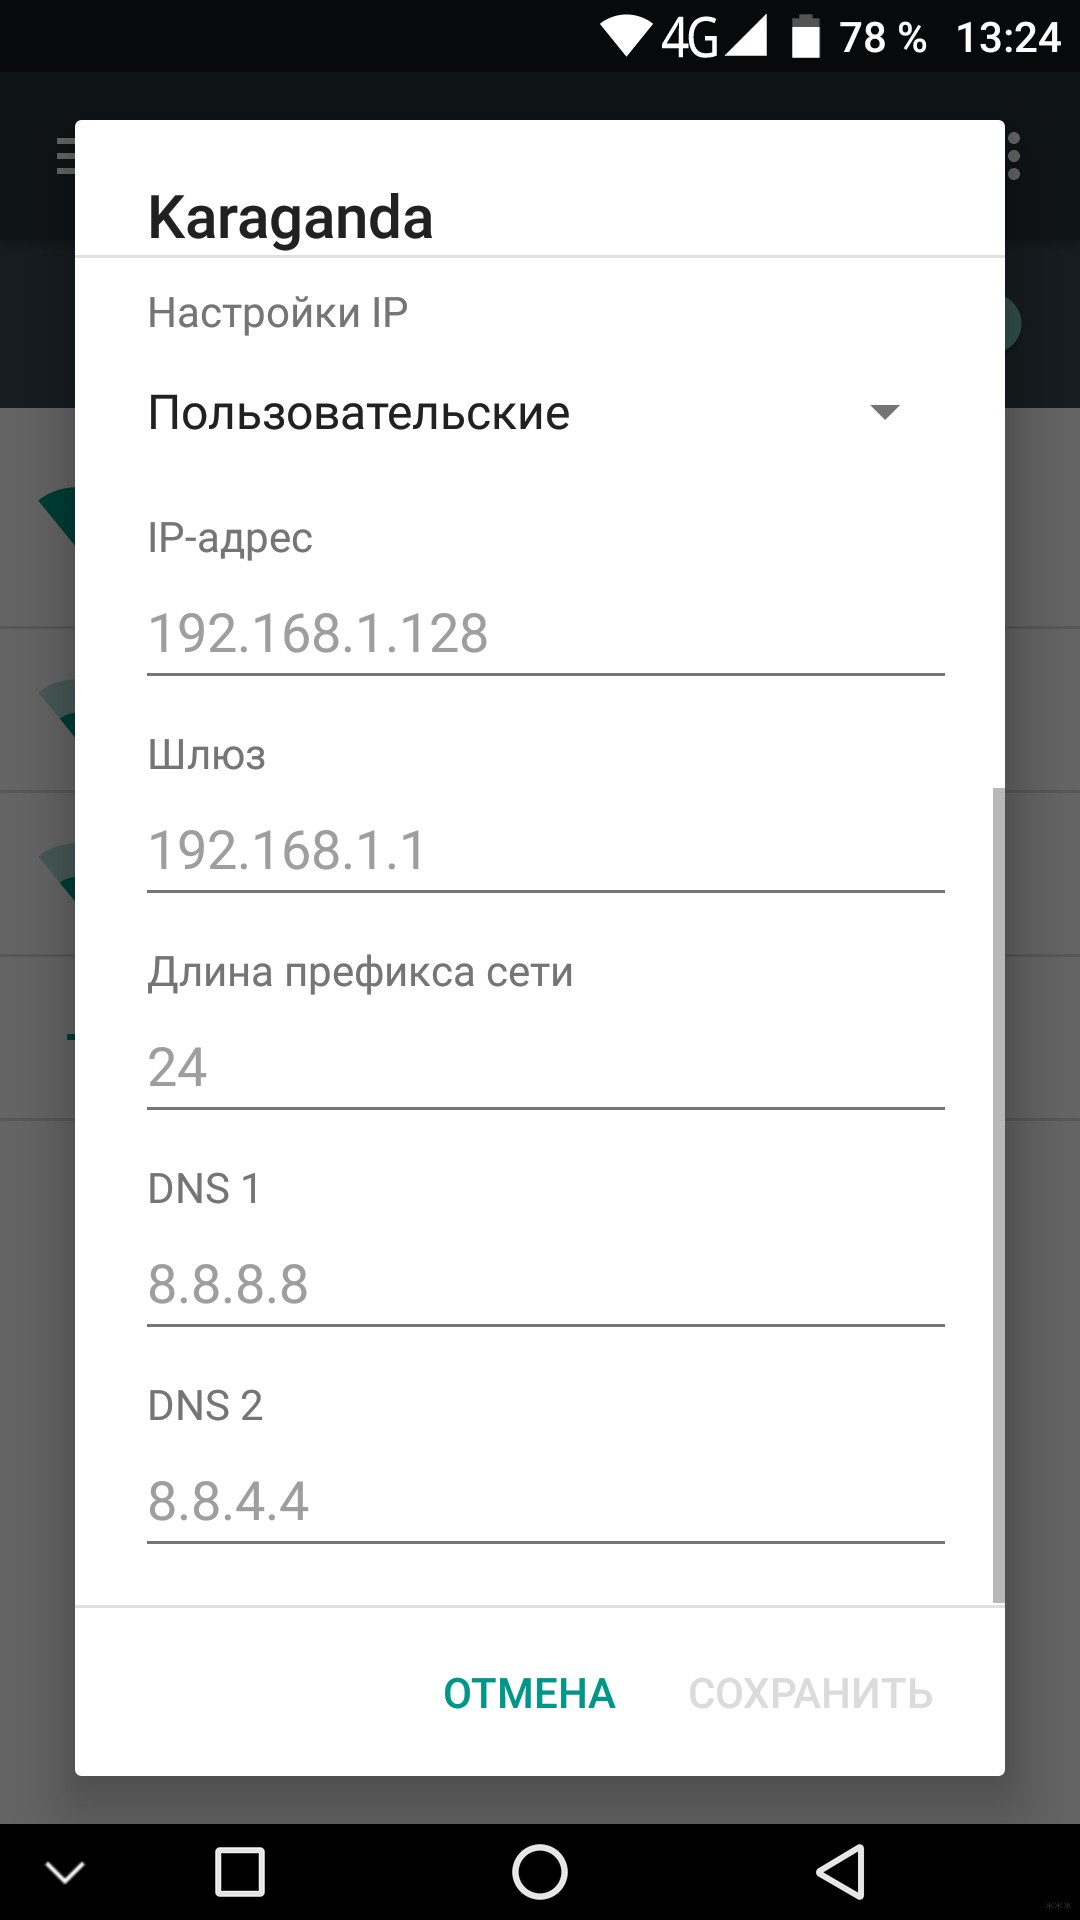 Почему на планшете не работает Wi-Fi, хотя он подключен?